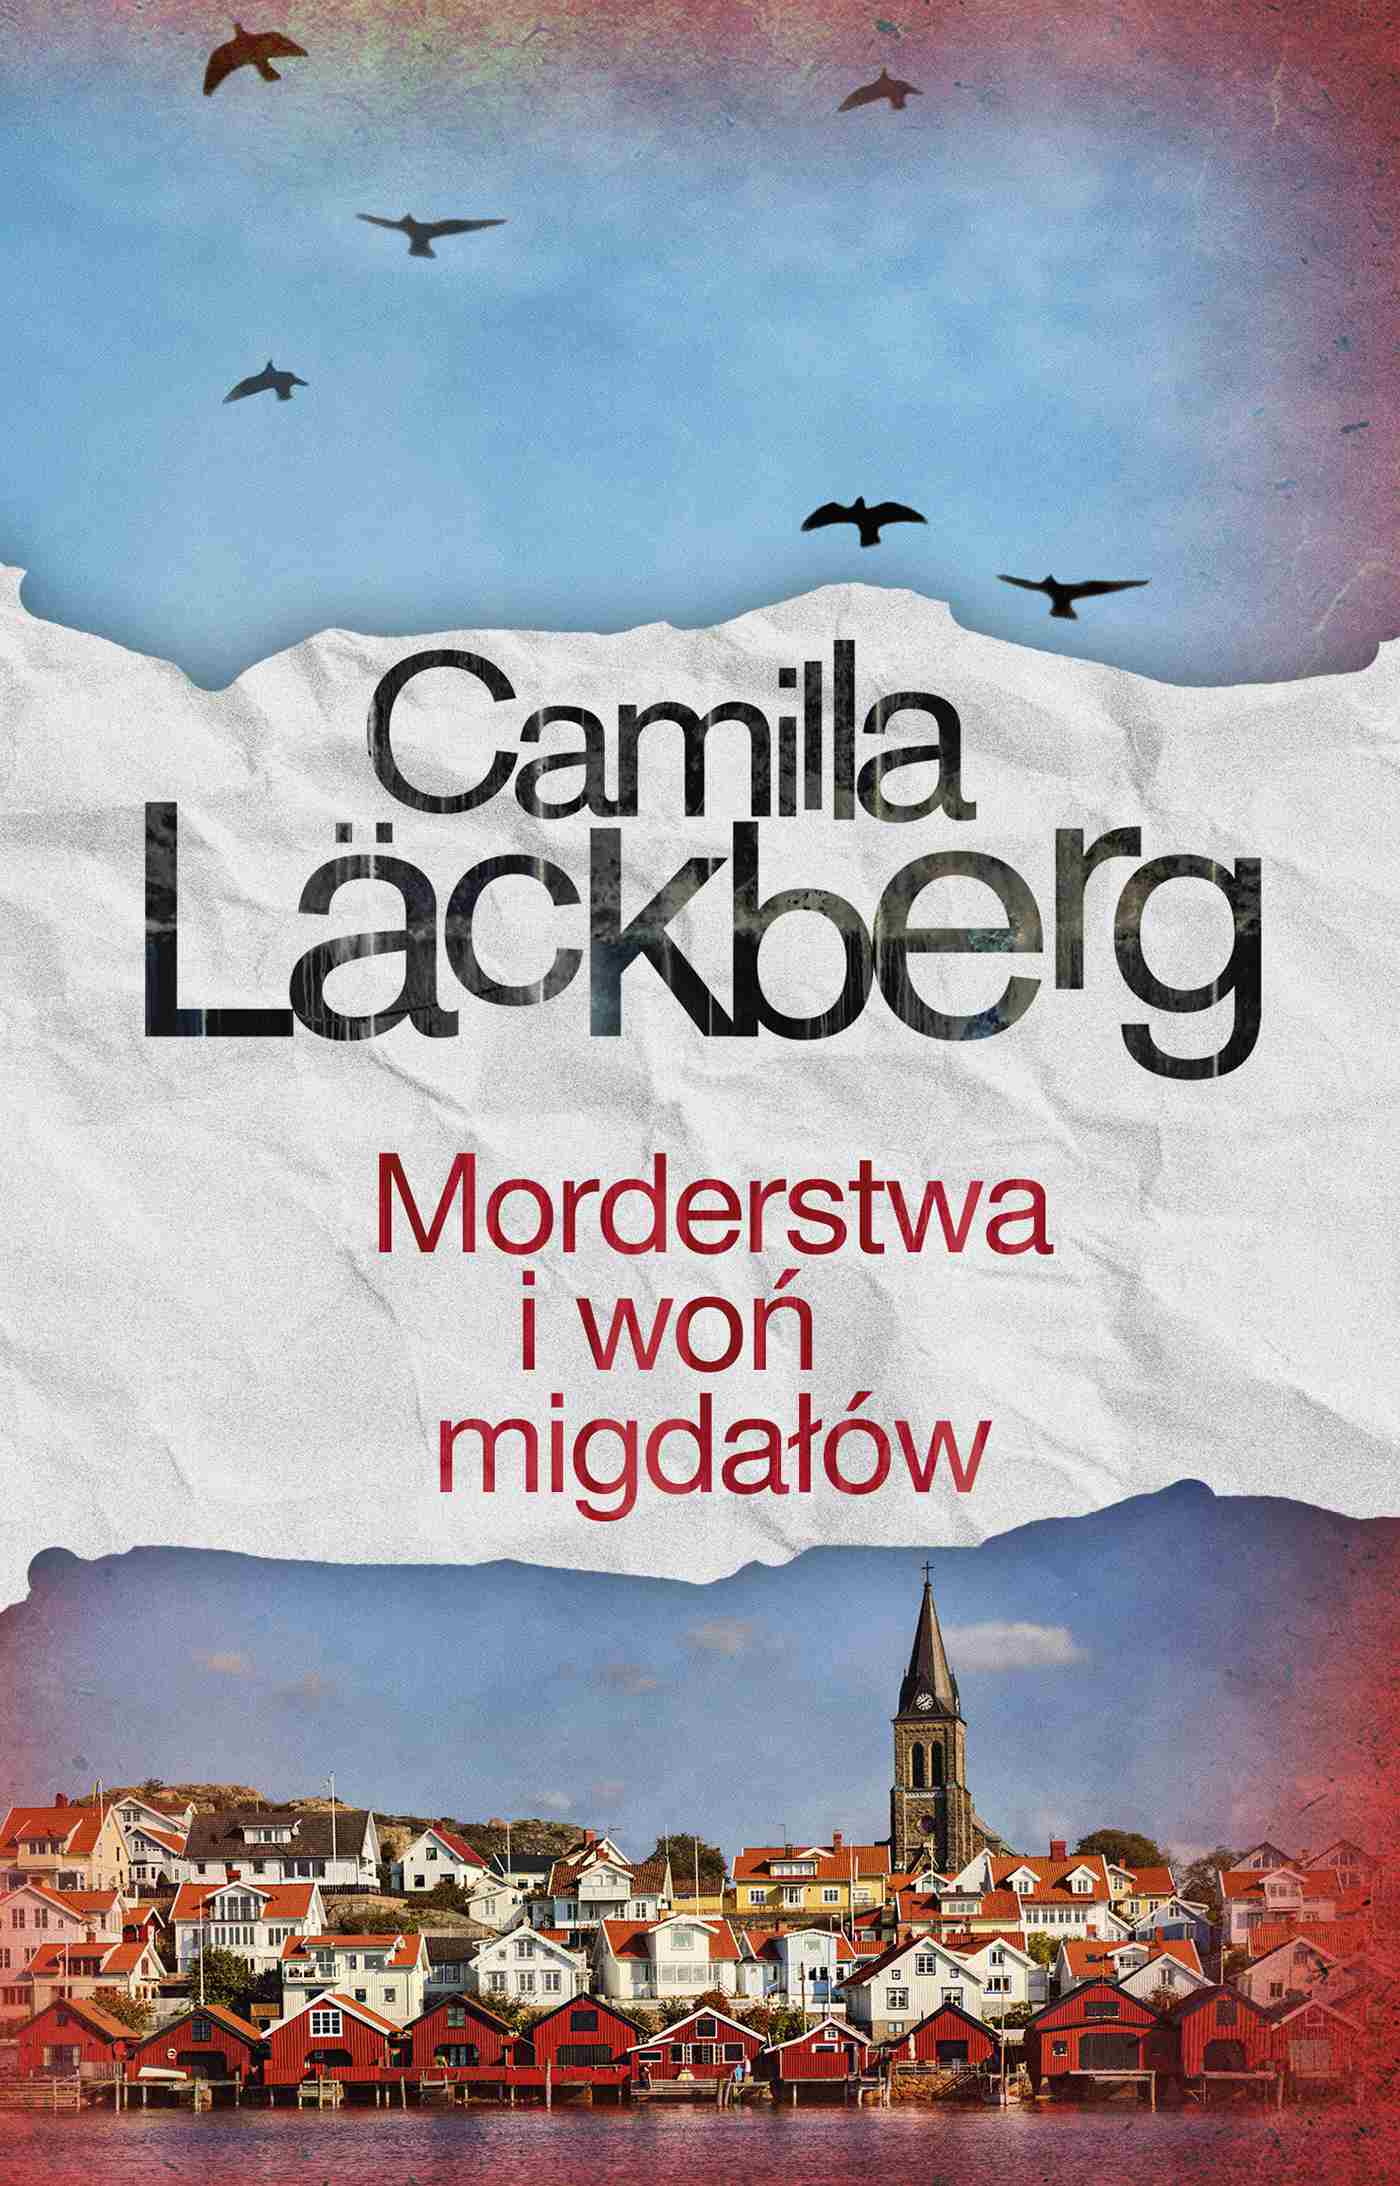 Morderstwa i woń migdałów - Ebook (Książka na Kindle) do pobrania w formacie MOBI